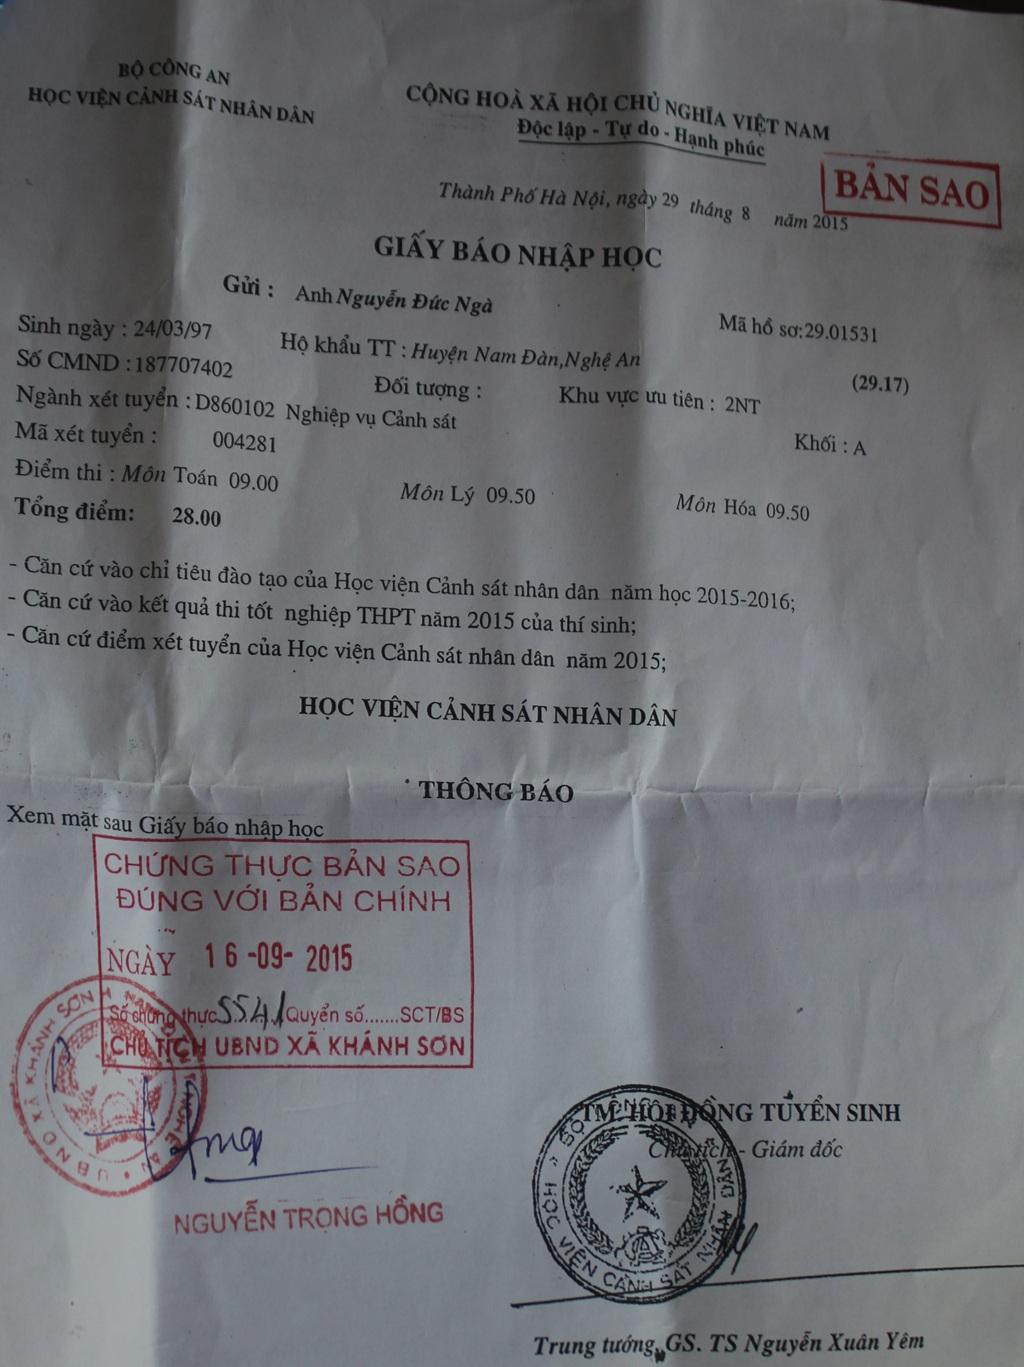 Giấy báo nhập học của Nguyễn Đức Ngà vào Học viện Cảnh sát nhân dân.